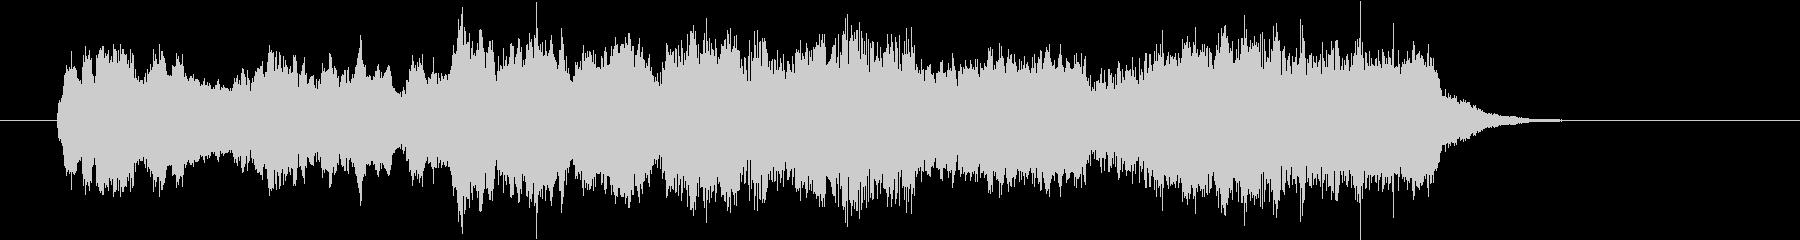 木管と弦のジングル1の未再生の波形